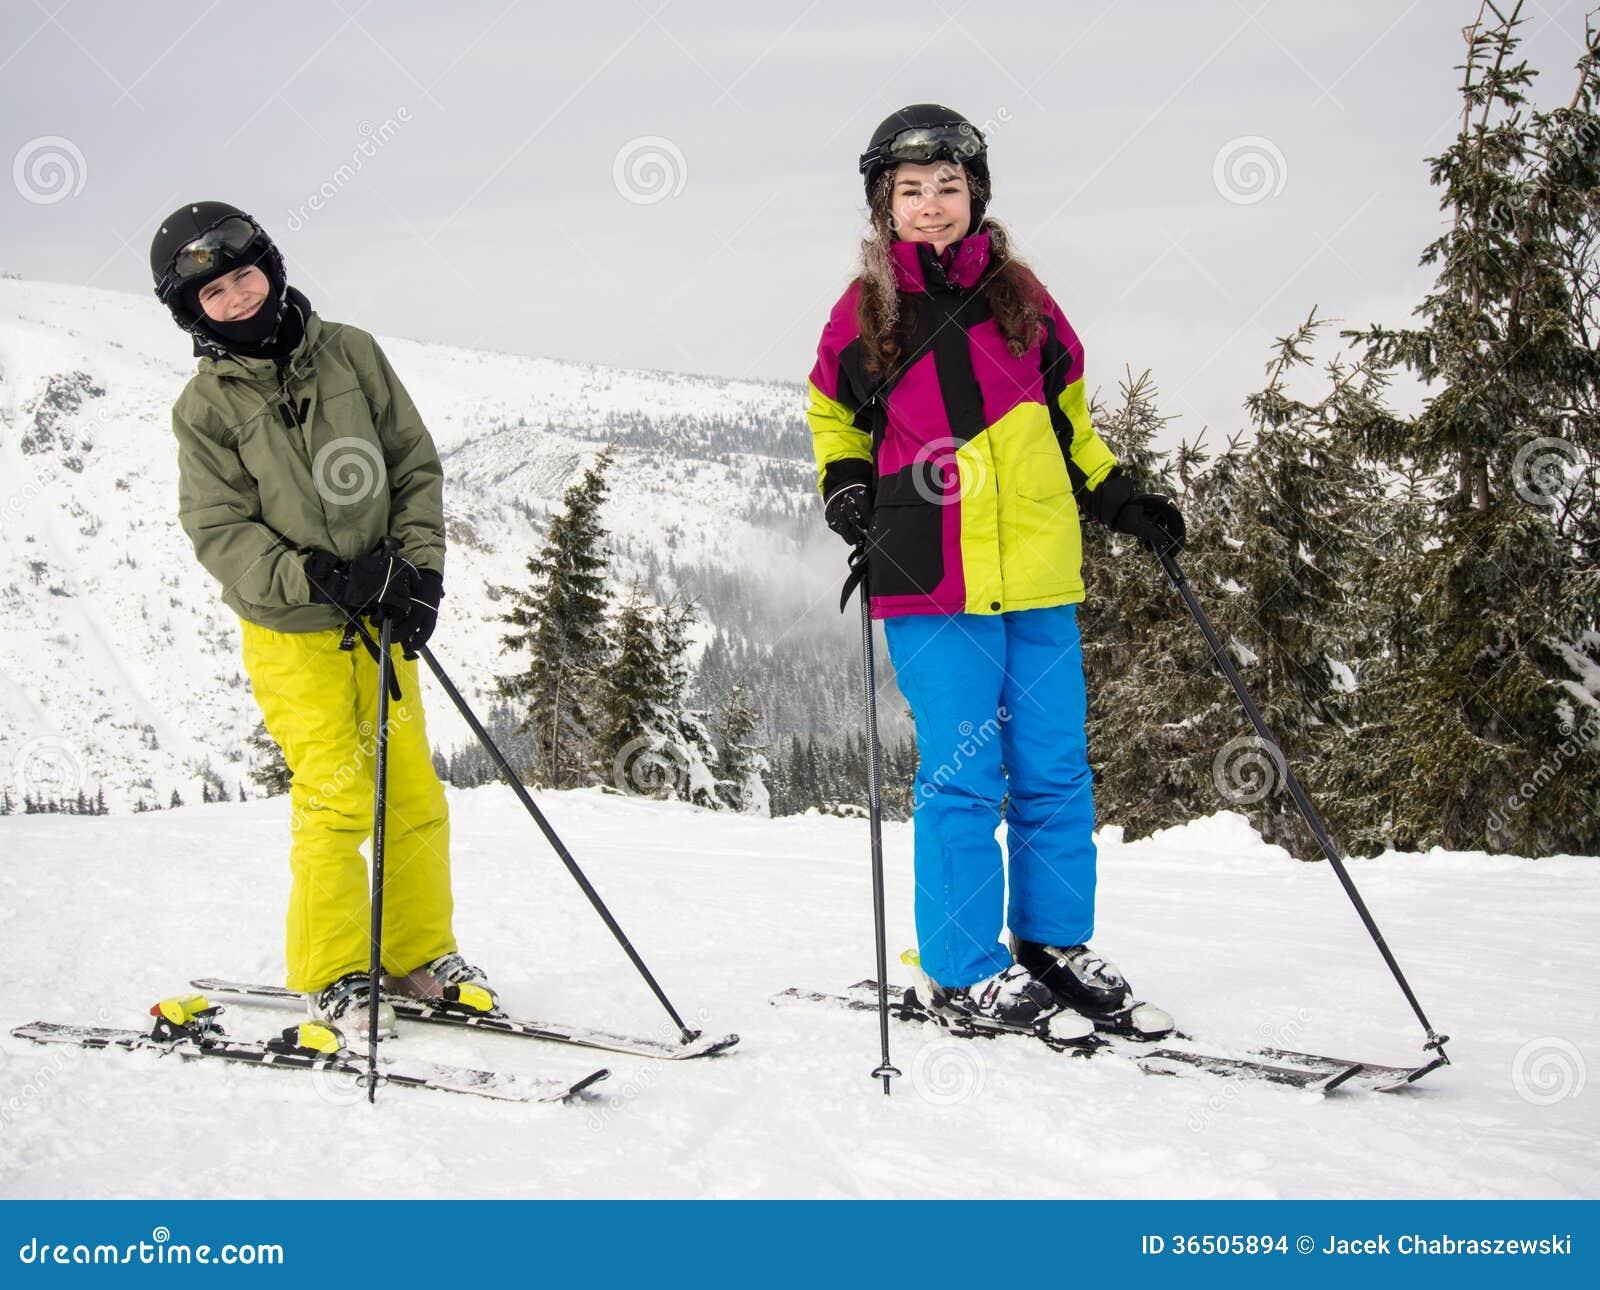 十几岁的女孩和男孩滑雪